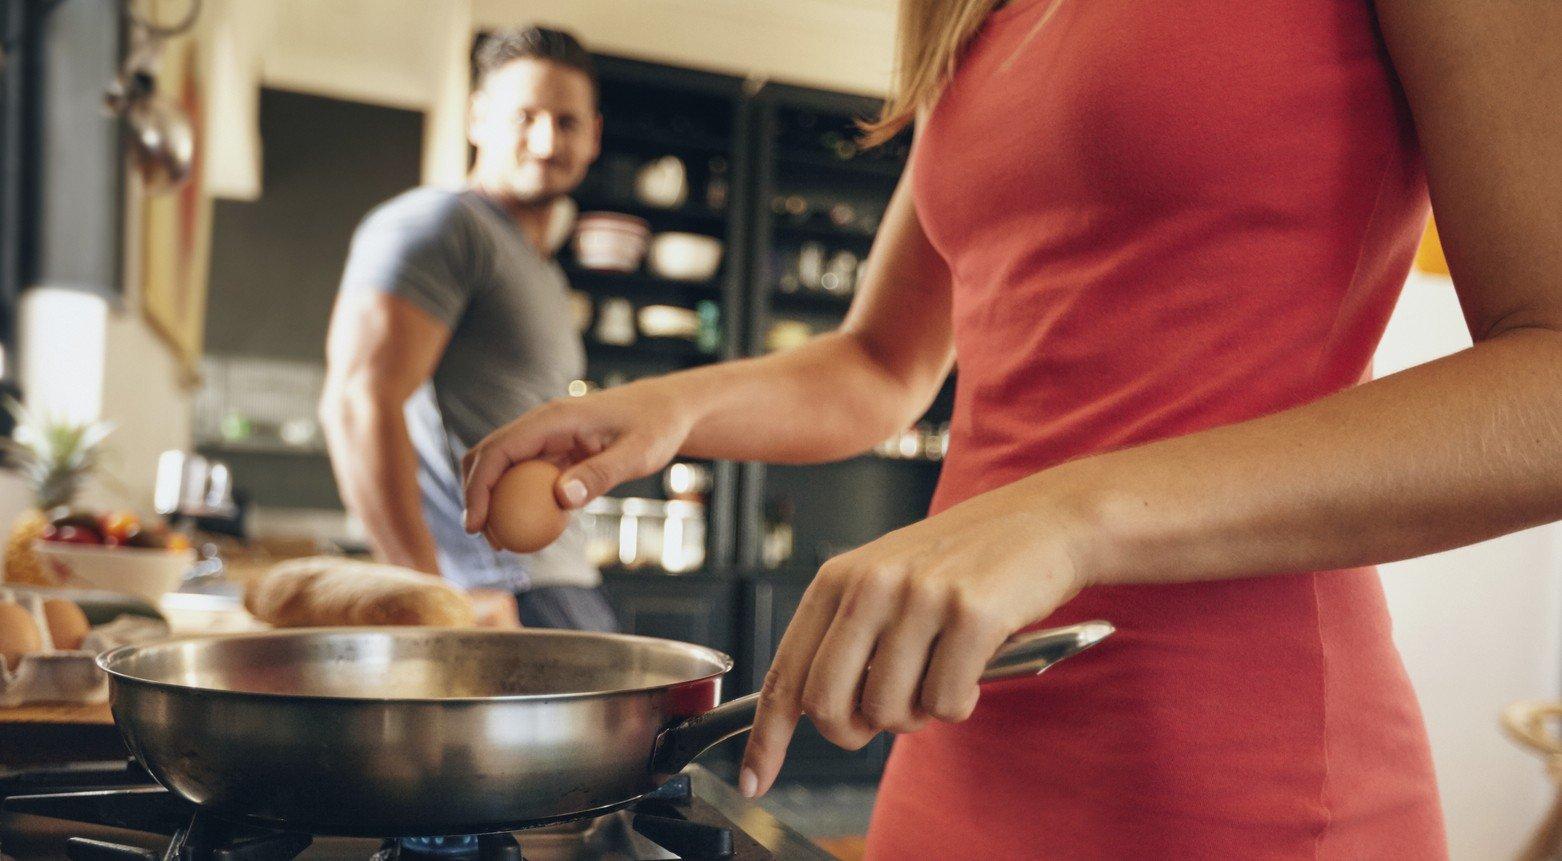 Abnehm-Tricks in der Küche